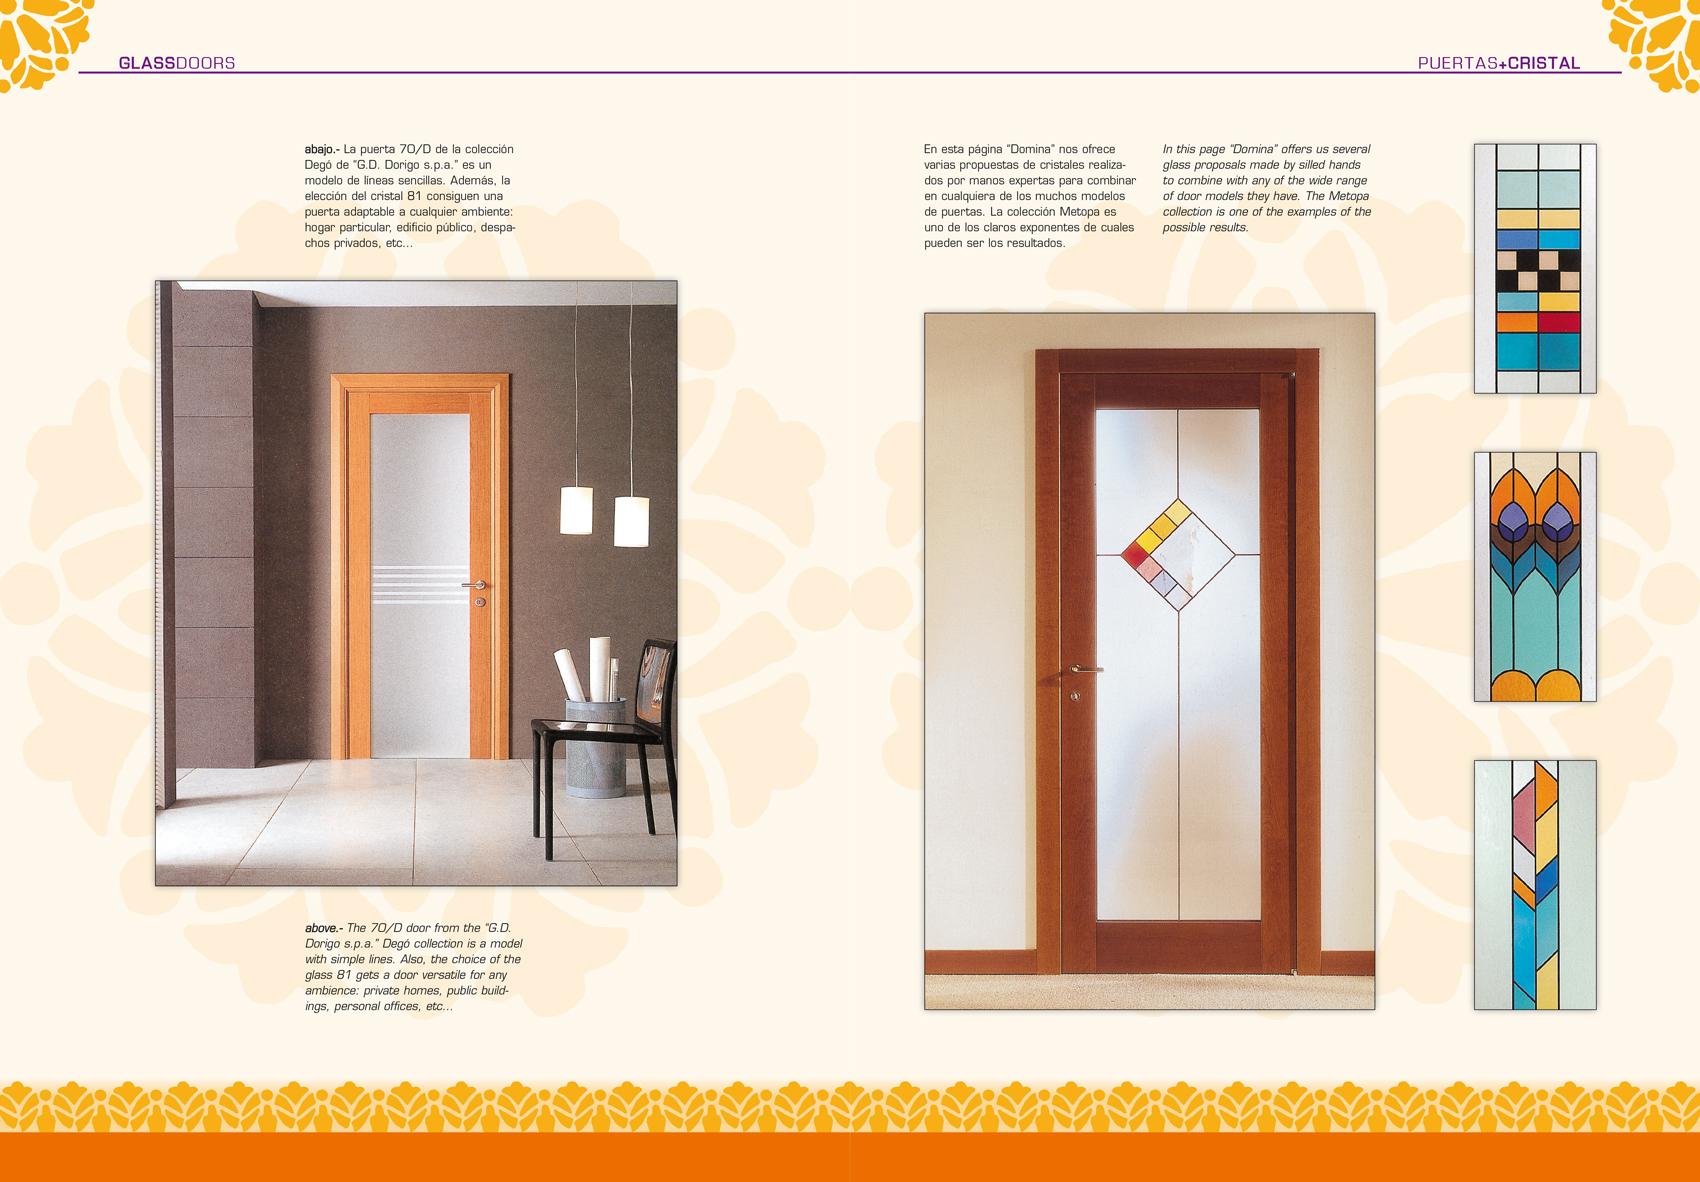 puertas-cristal-5.jpg